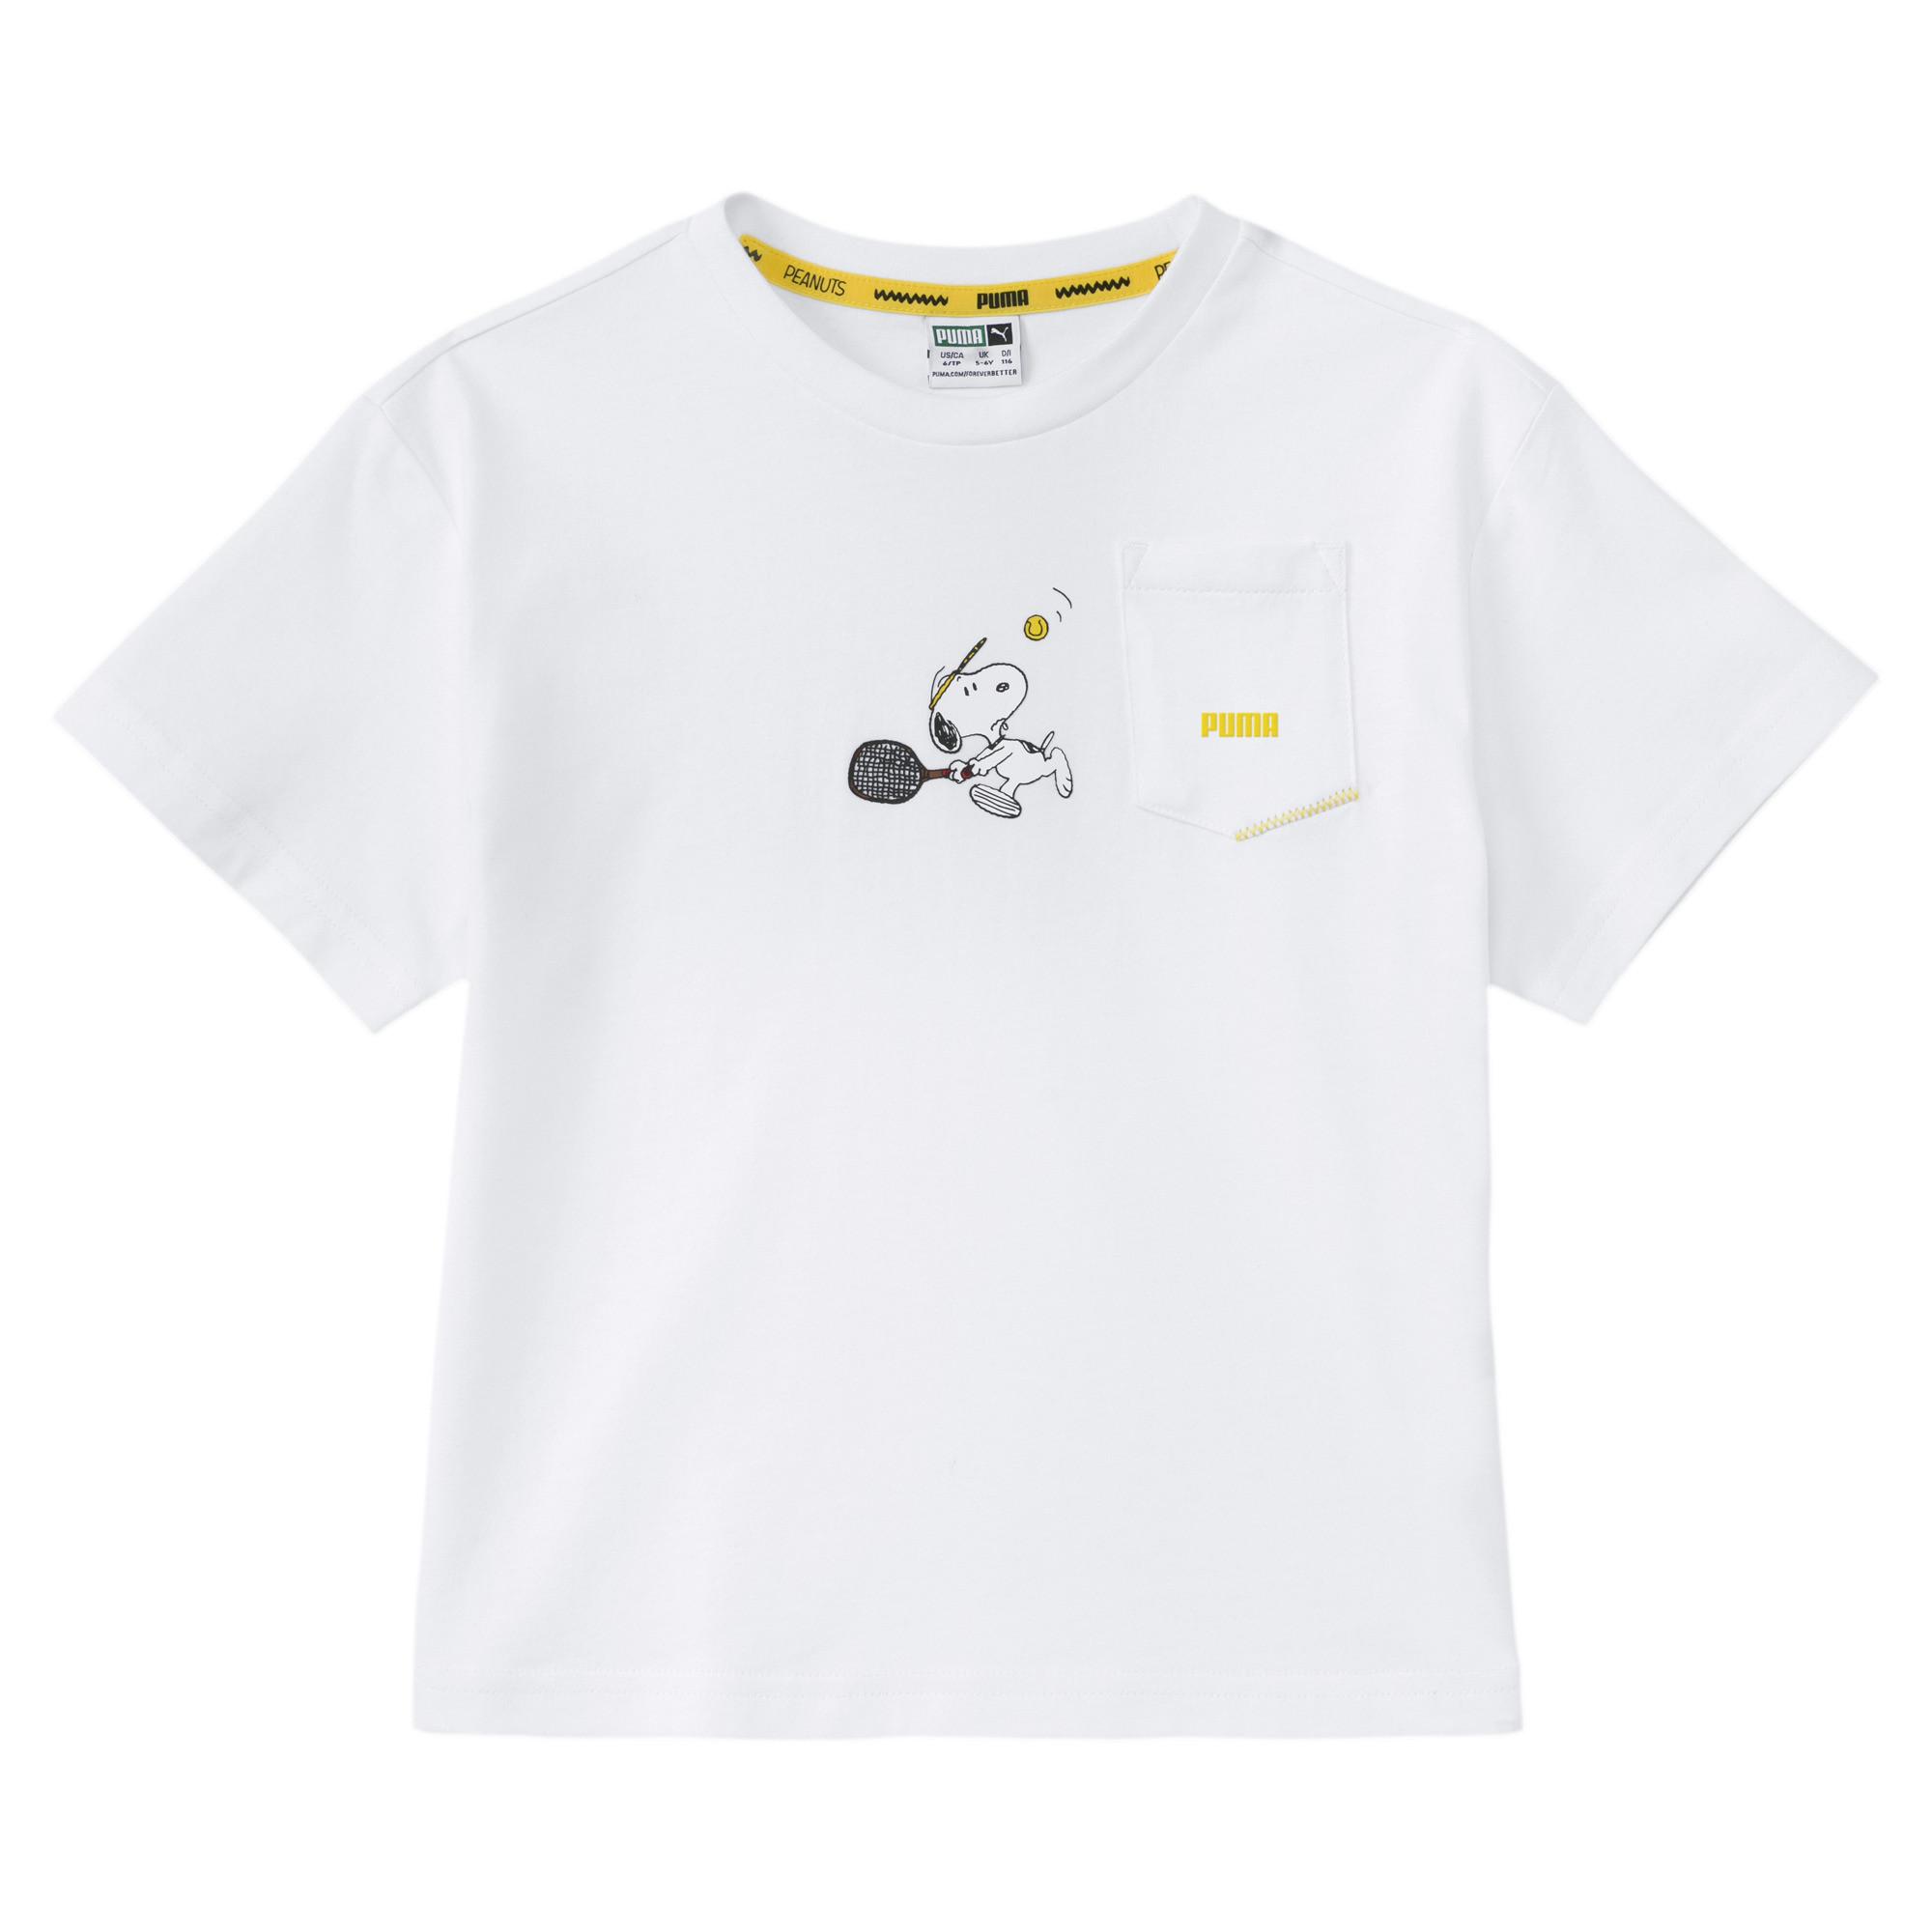 Peanuts x Puma Apparel Collection ピーナッツ x プーマ アパレル コレクション